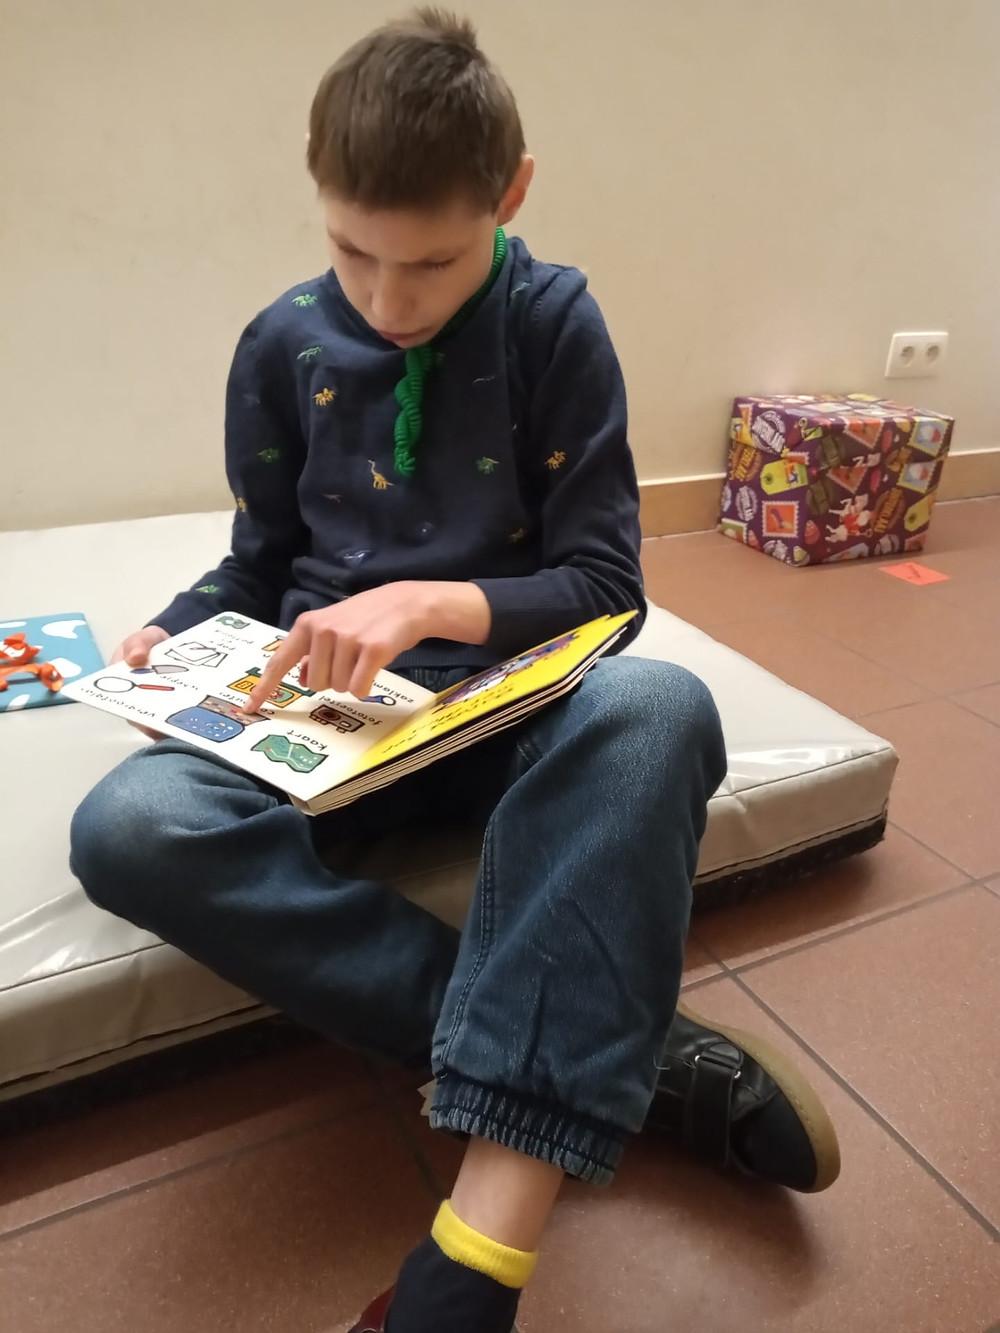 Jonge bewoner leest een kinderboek terwijl hij op een mat zit